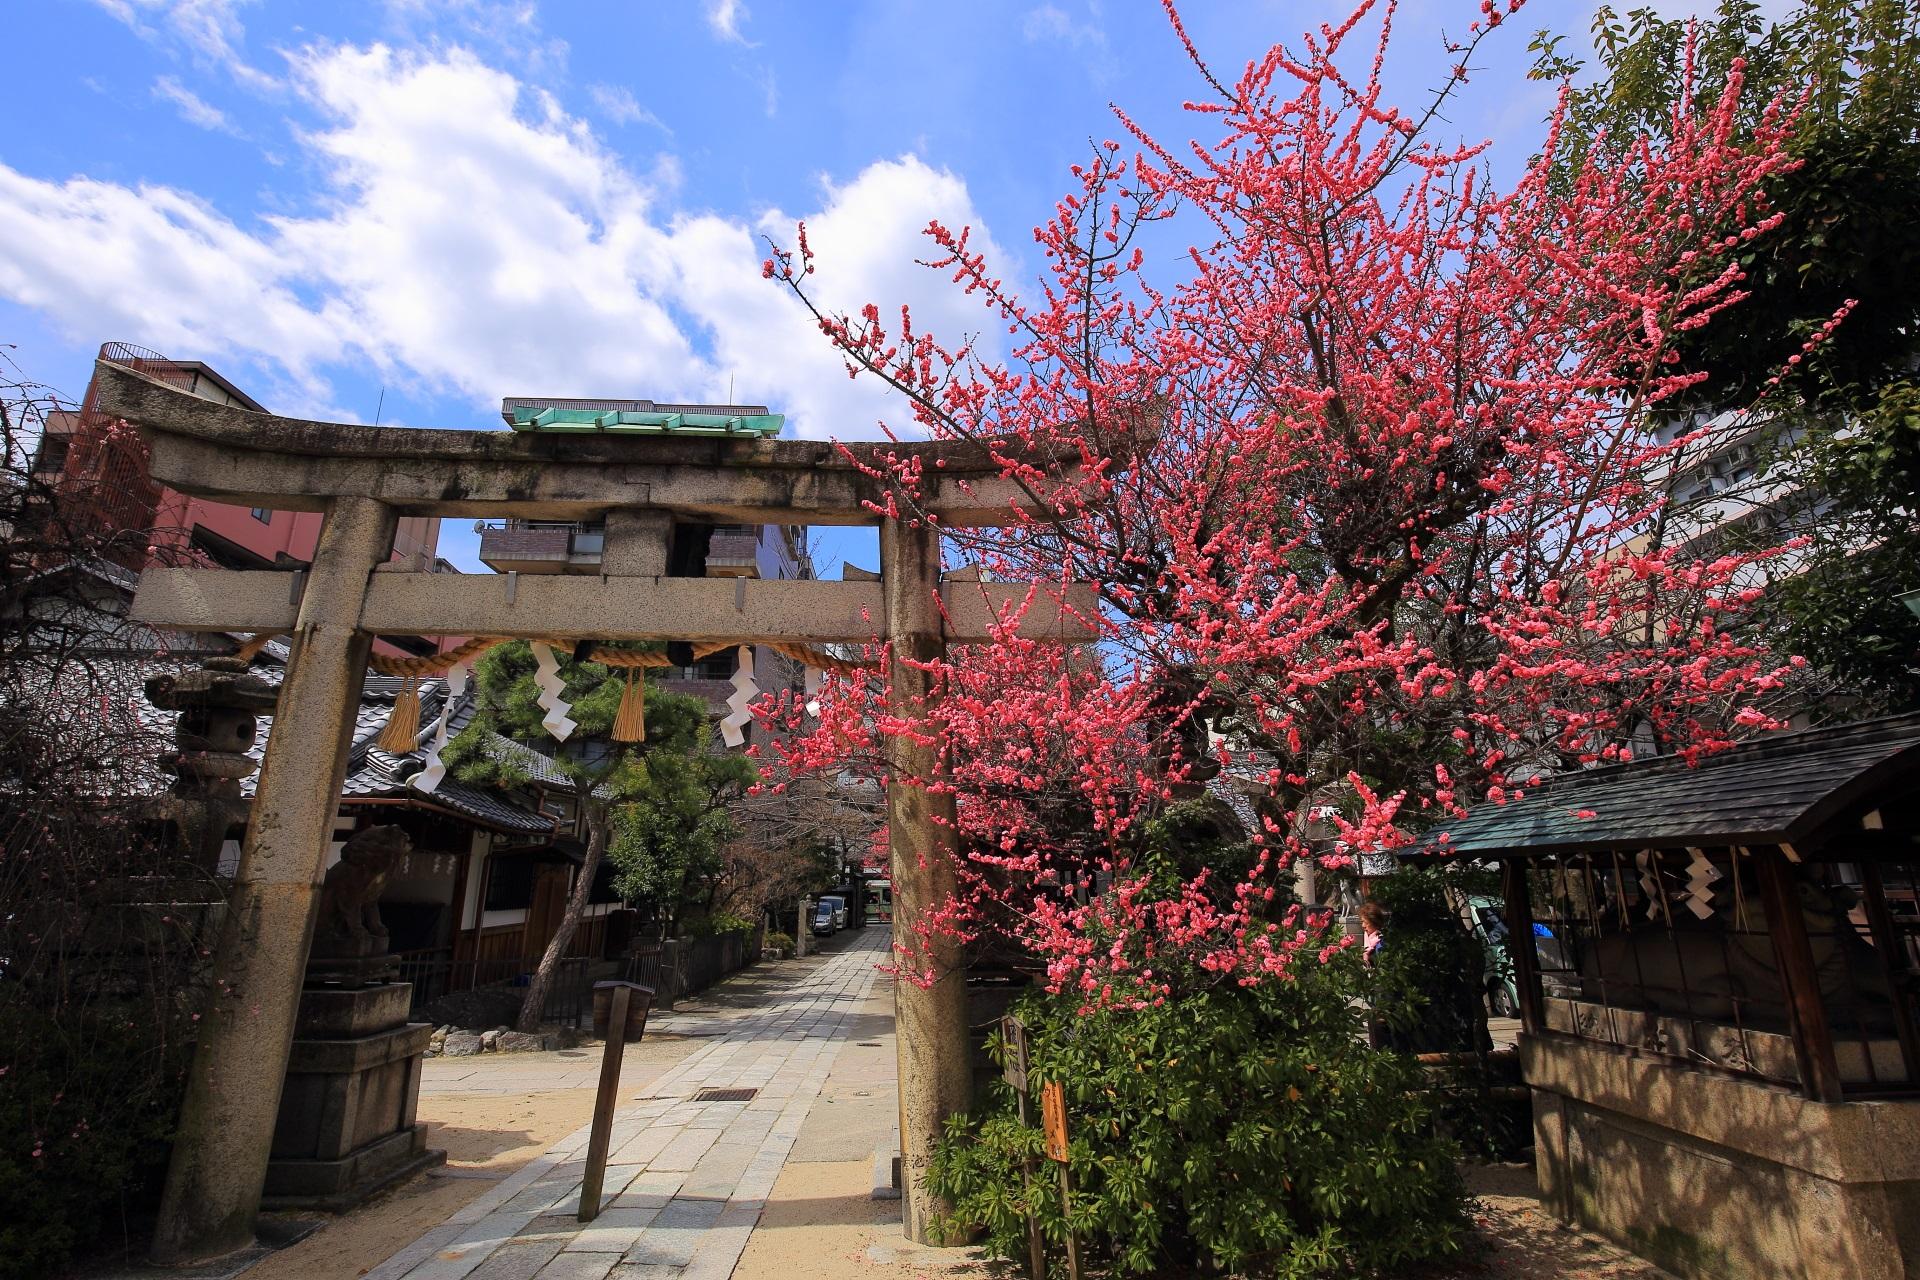 街中の梅の隠れた名所の菅大臣神社